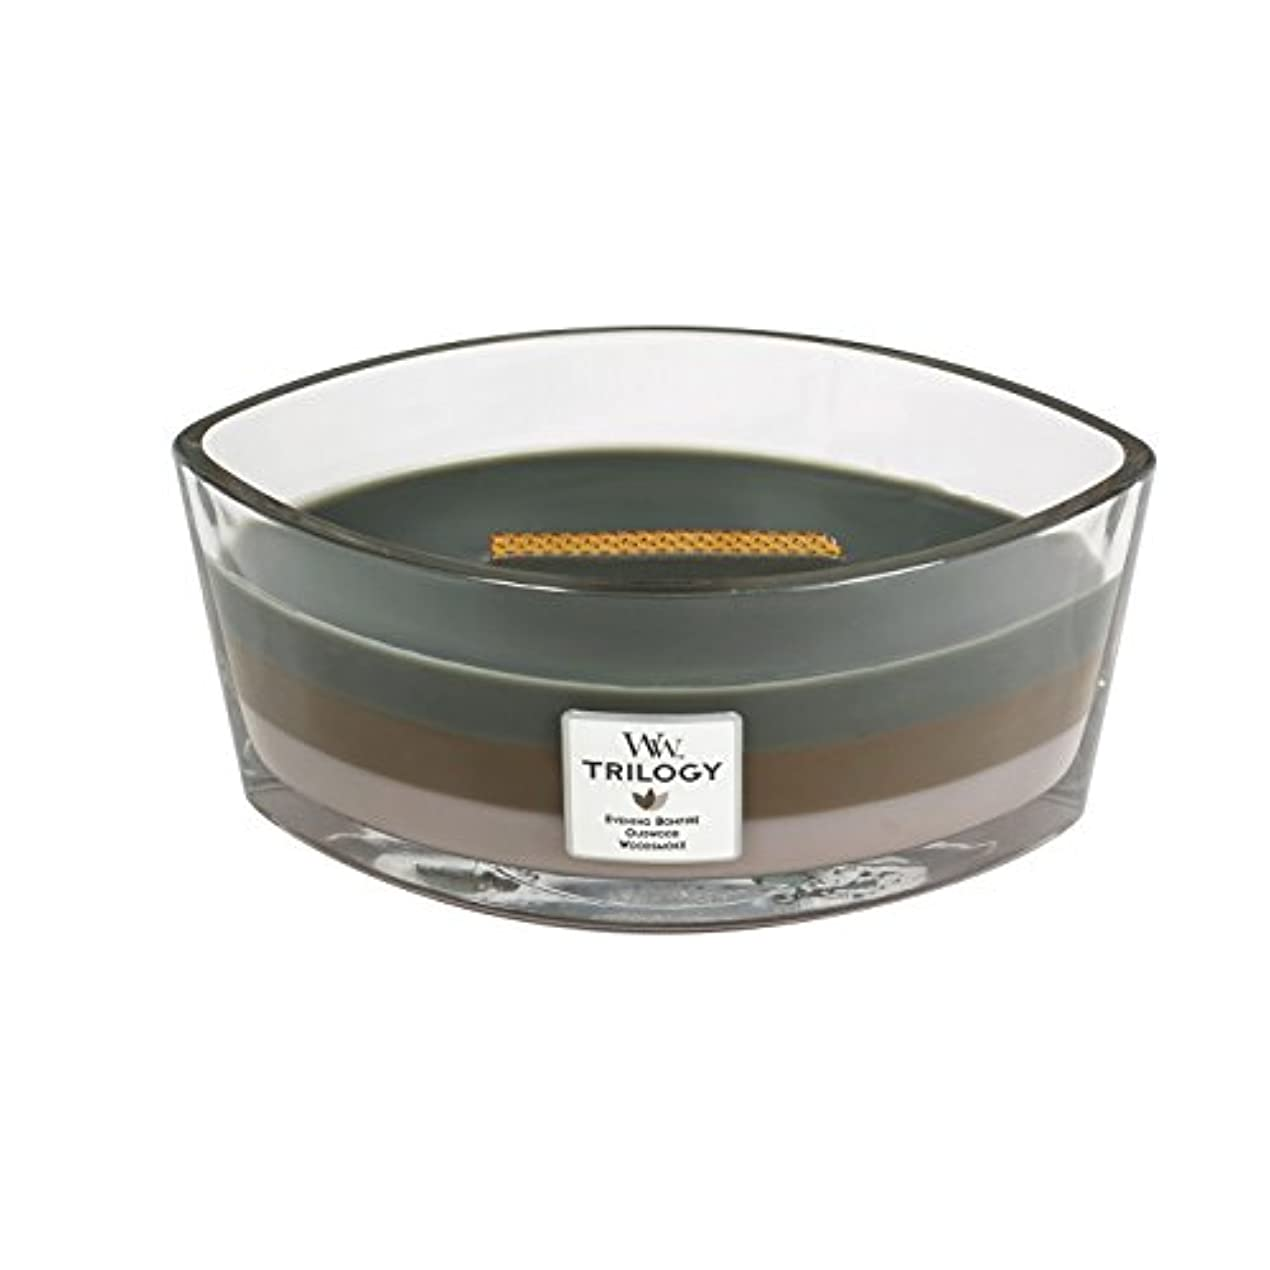 コミットメント選択するスペシャリストWoodWick Trilogy cosy CABIN, 3-in-1 Highly Scented Candle, Ellipse Glass Jar with Original HearthWick Flame, Large...